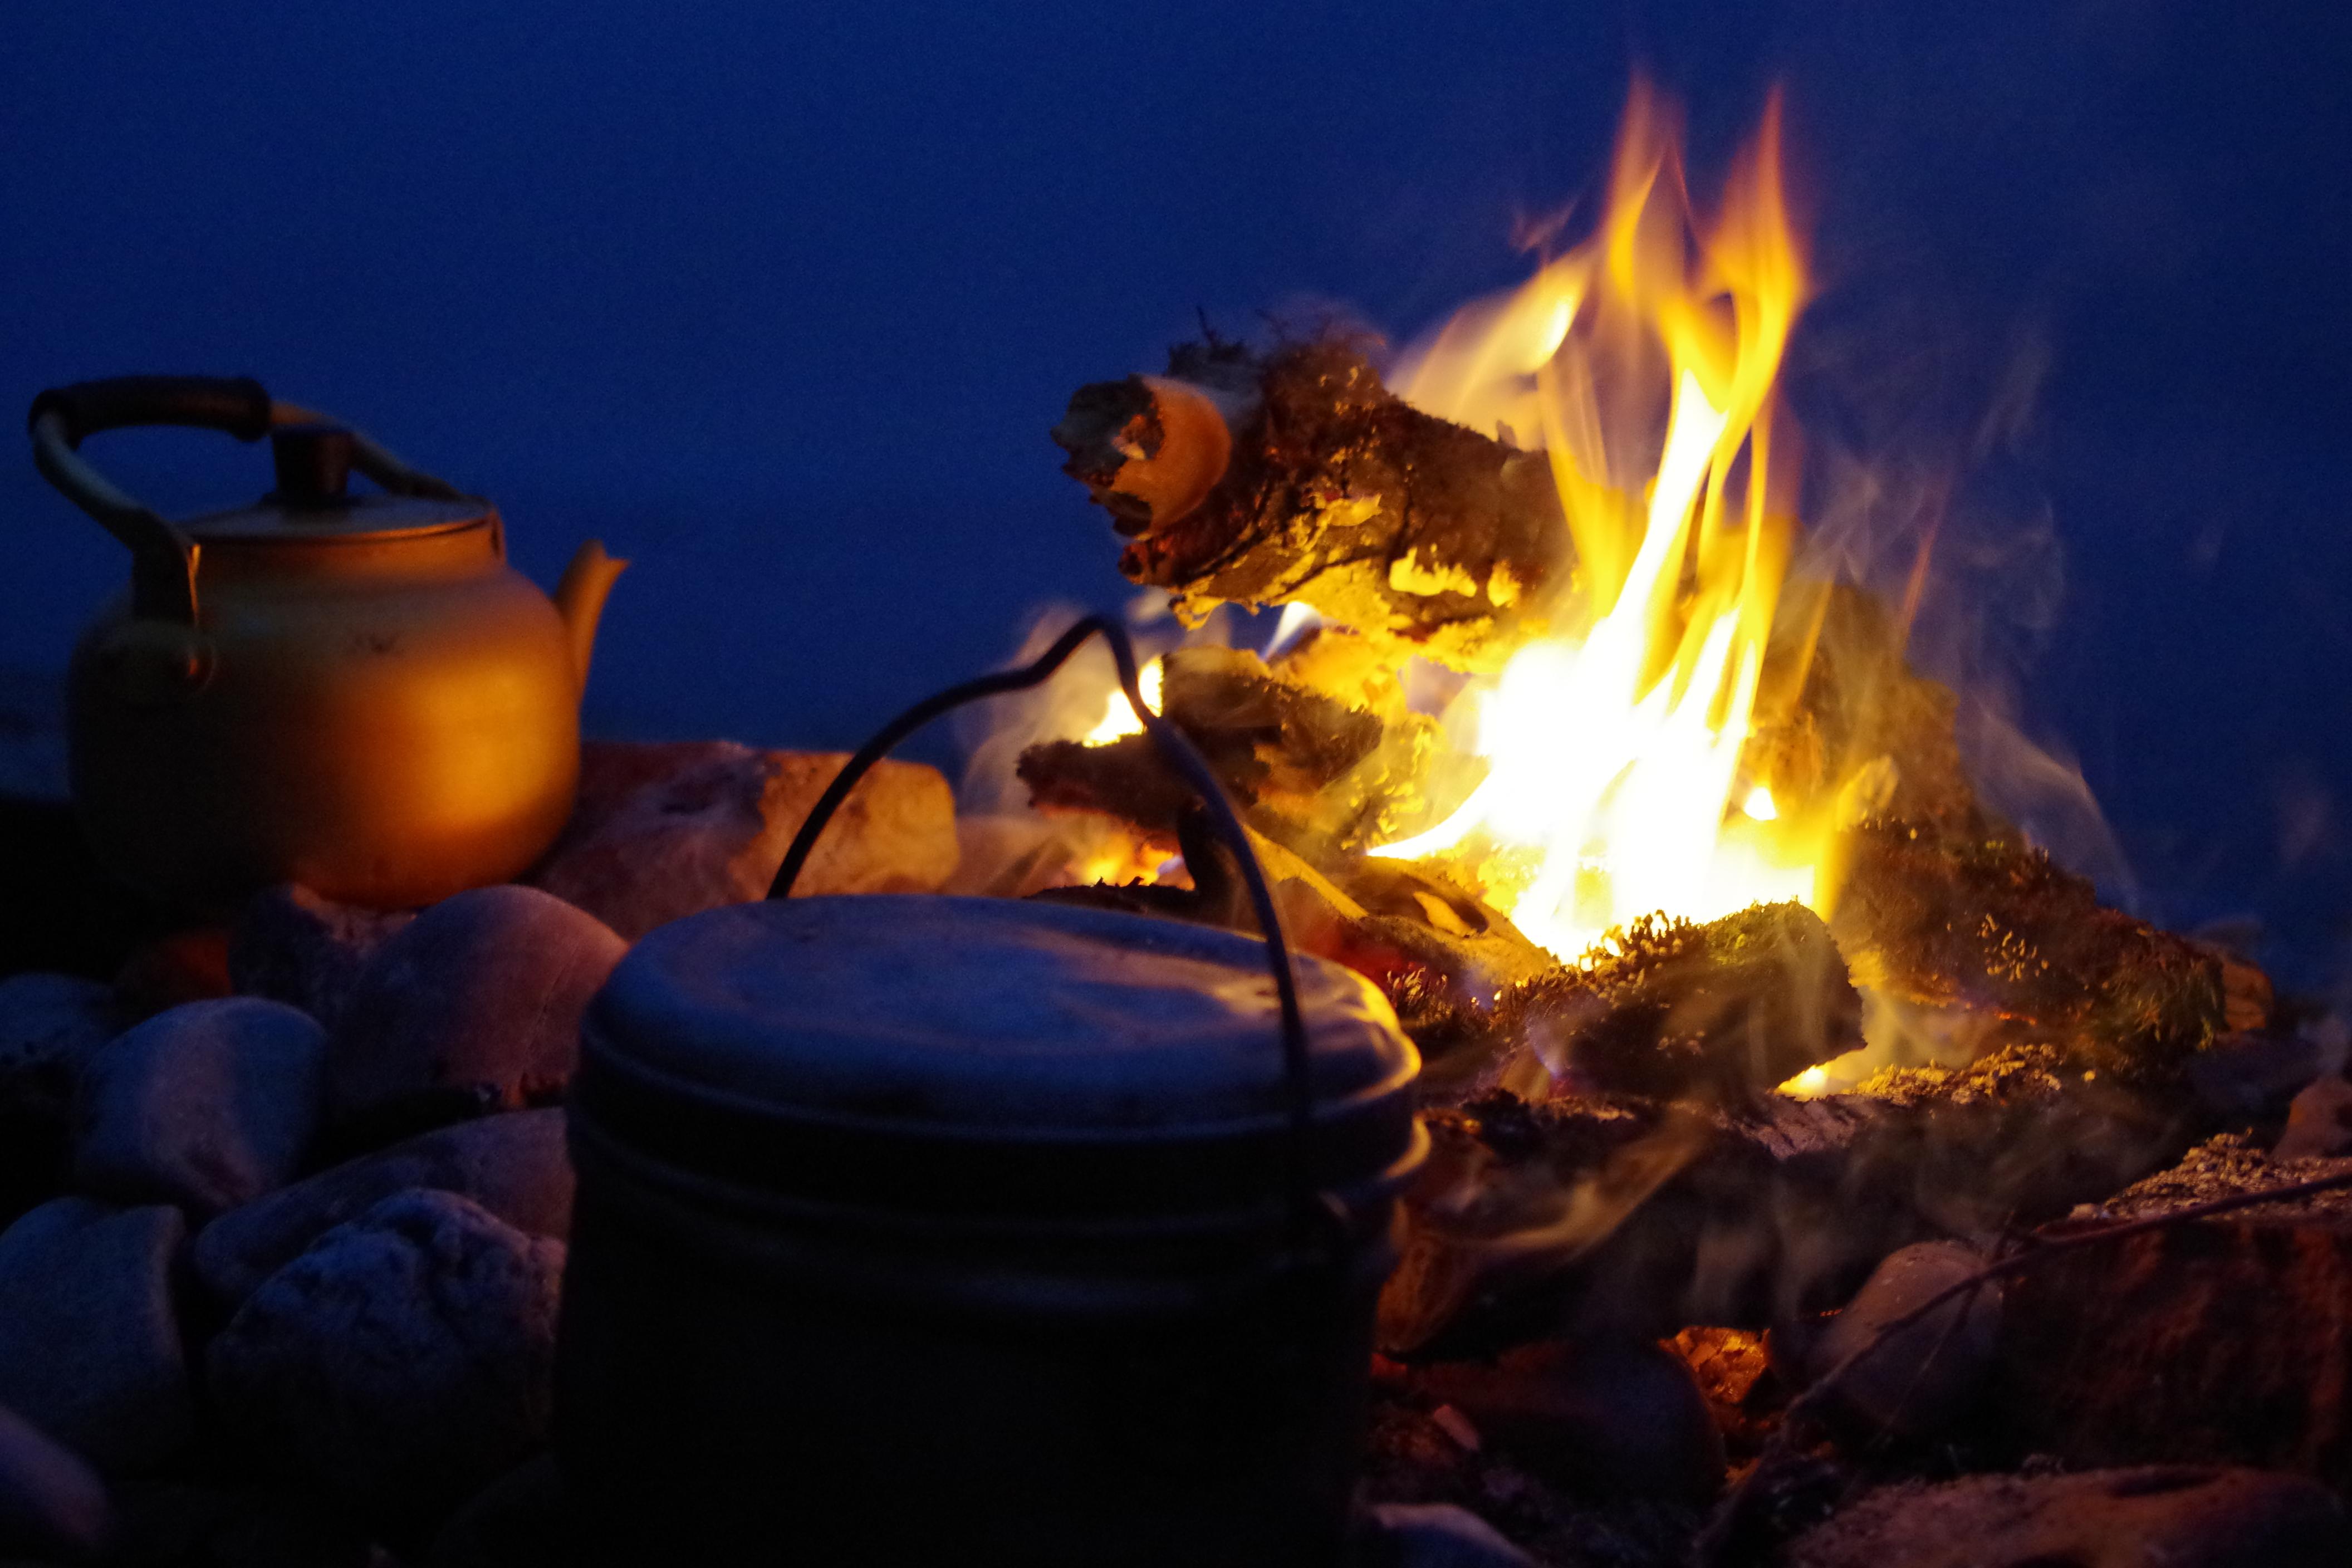 Wer Feuer macht muss sich seiner Verantwortung bewusst sein. Zahlreiche Tipps rund ums Feuer machen sind ausführlich in dem Buch beschrieben